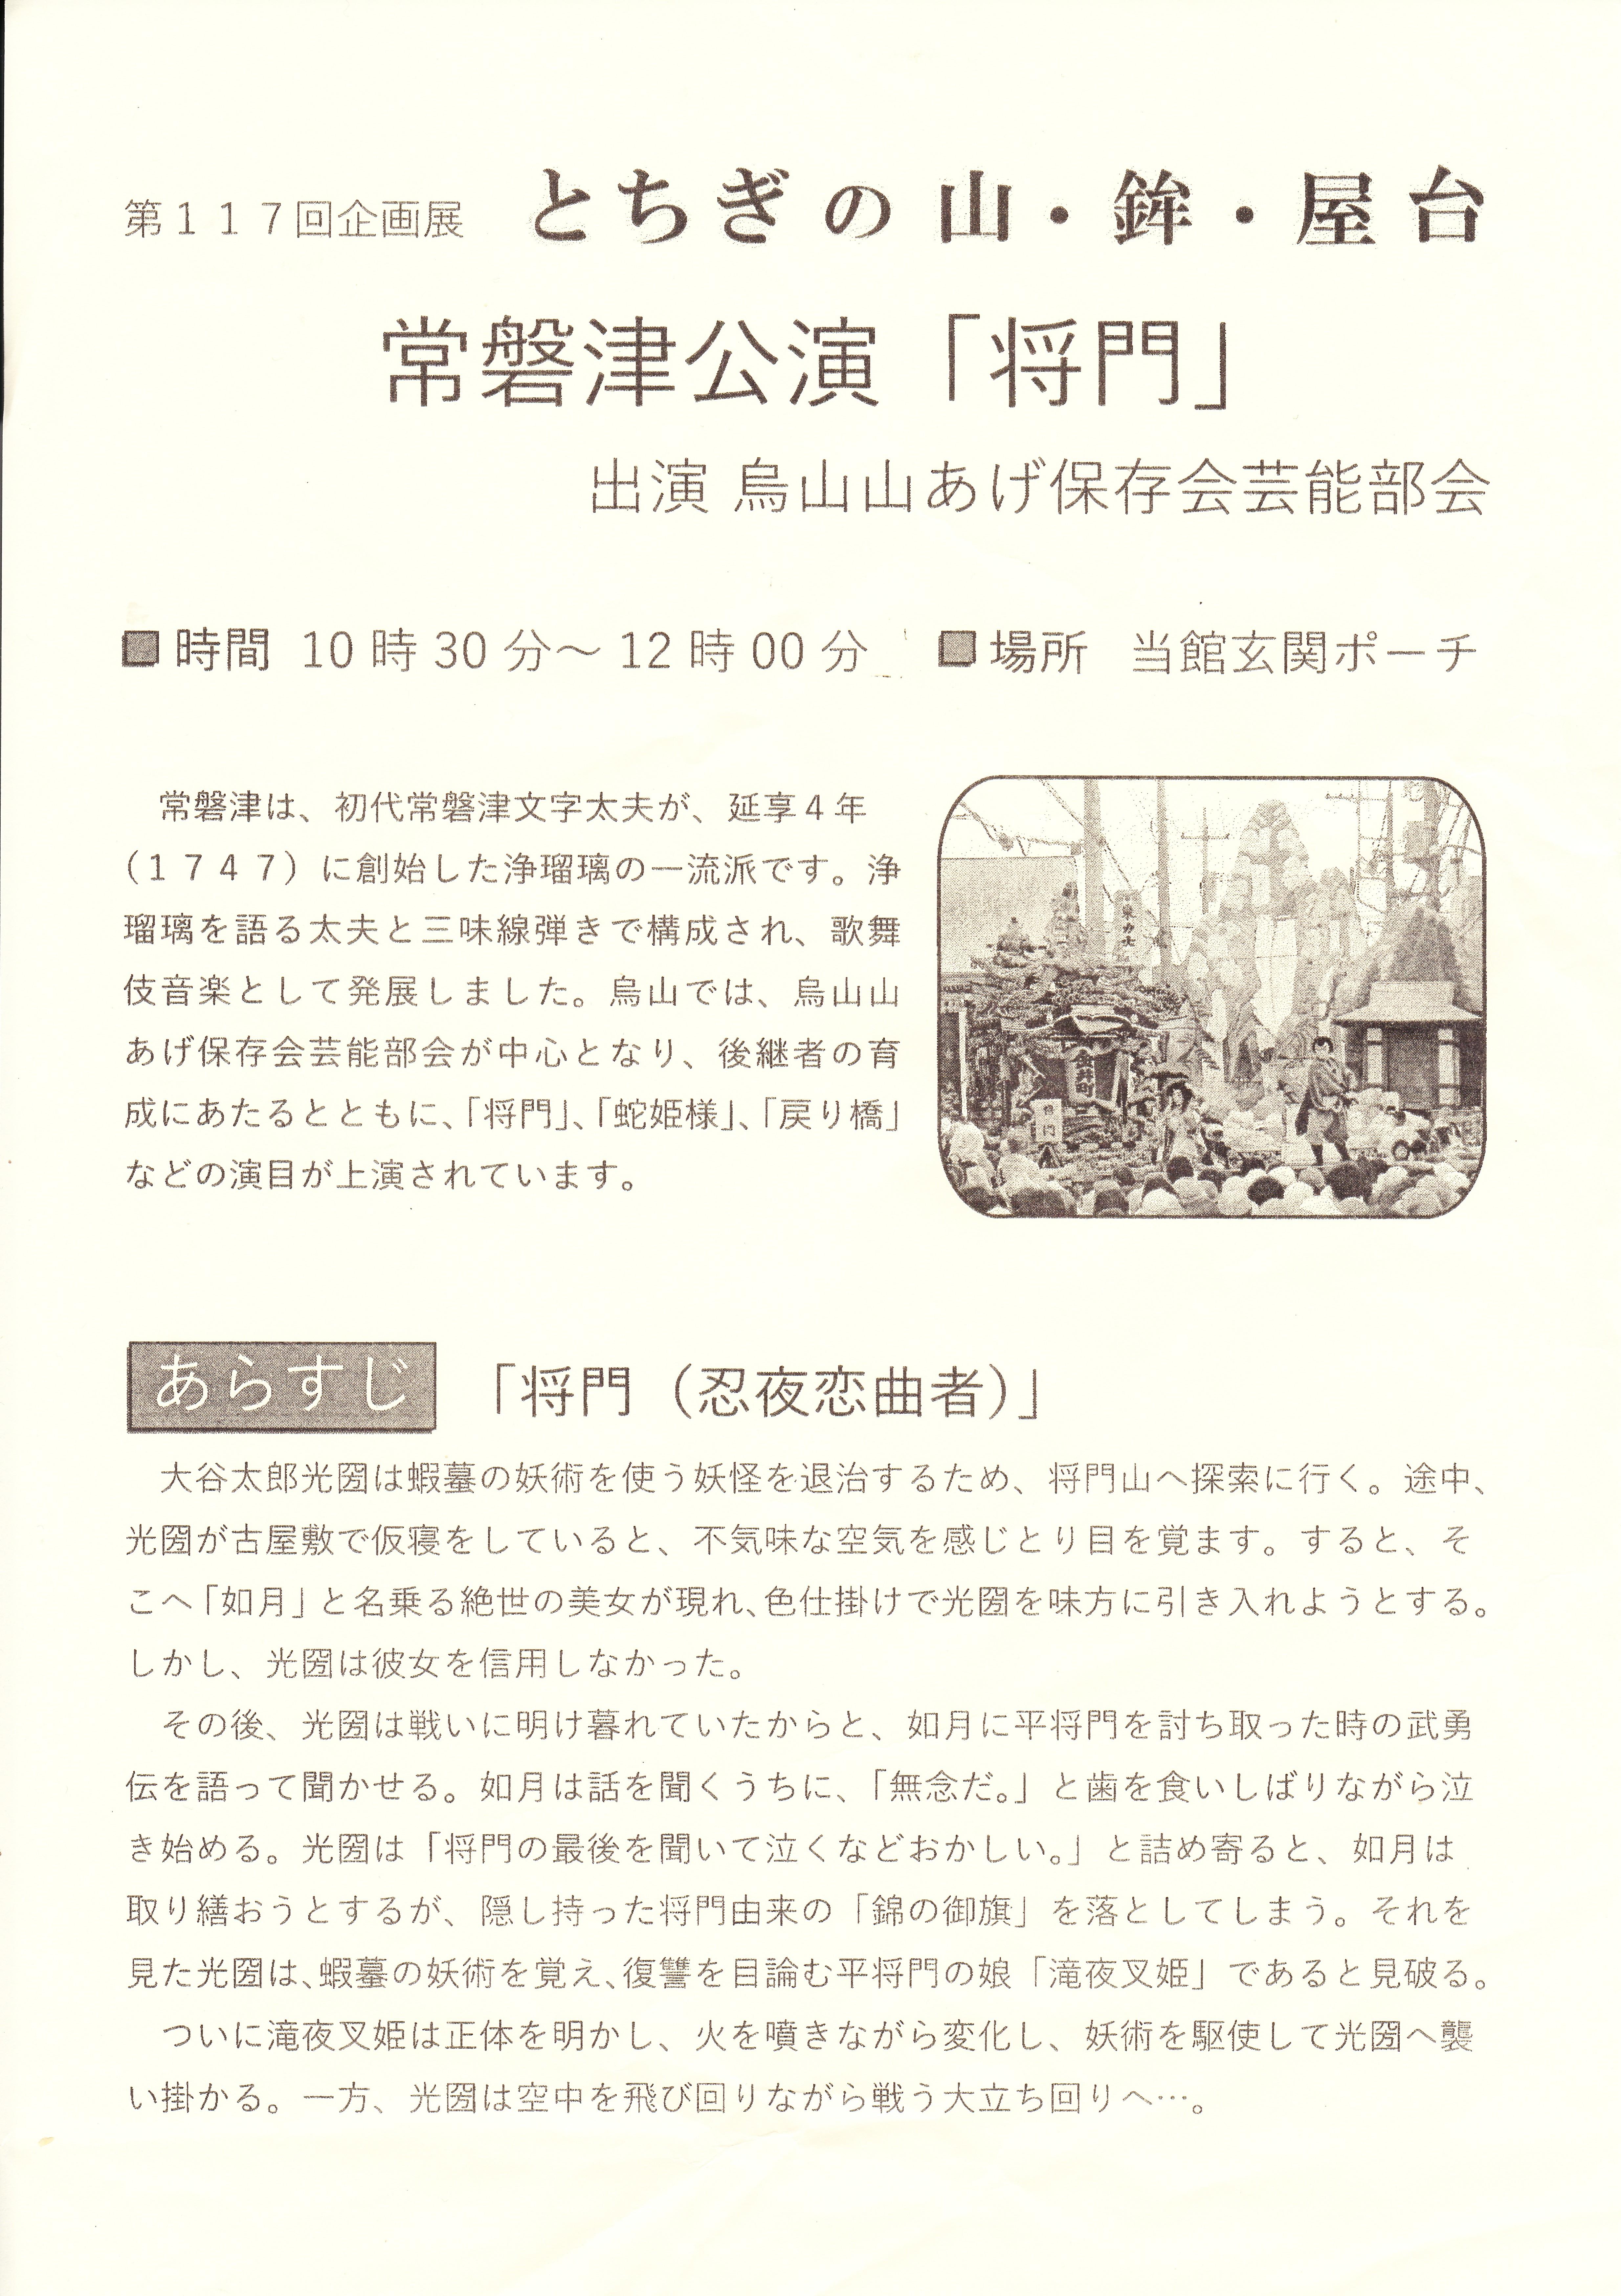 2017年 山あげ祭 栃木県立博物館 特別公演